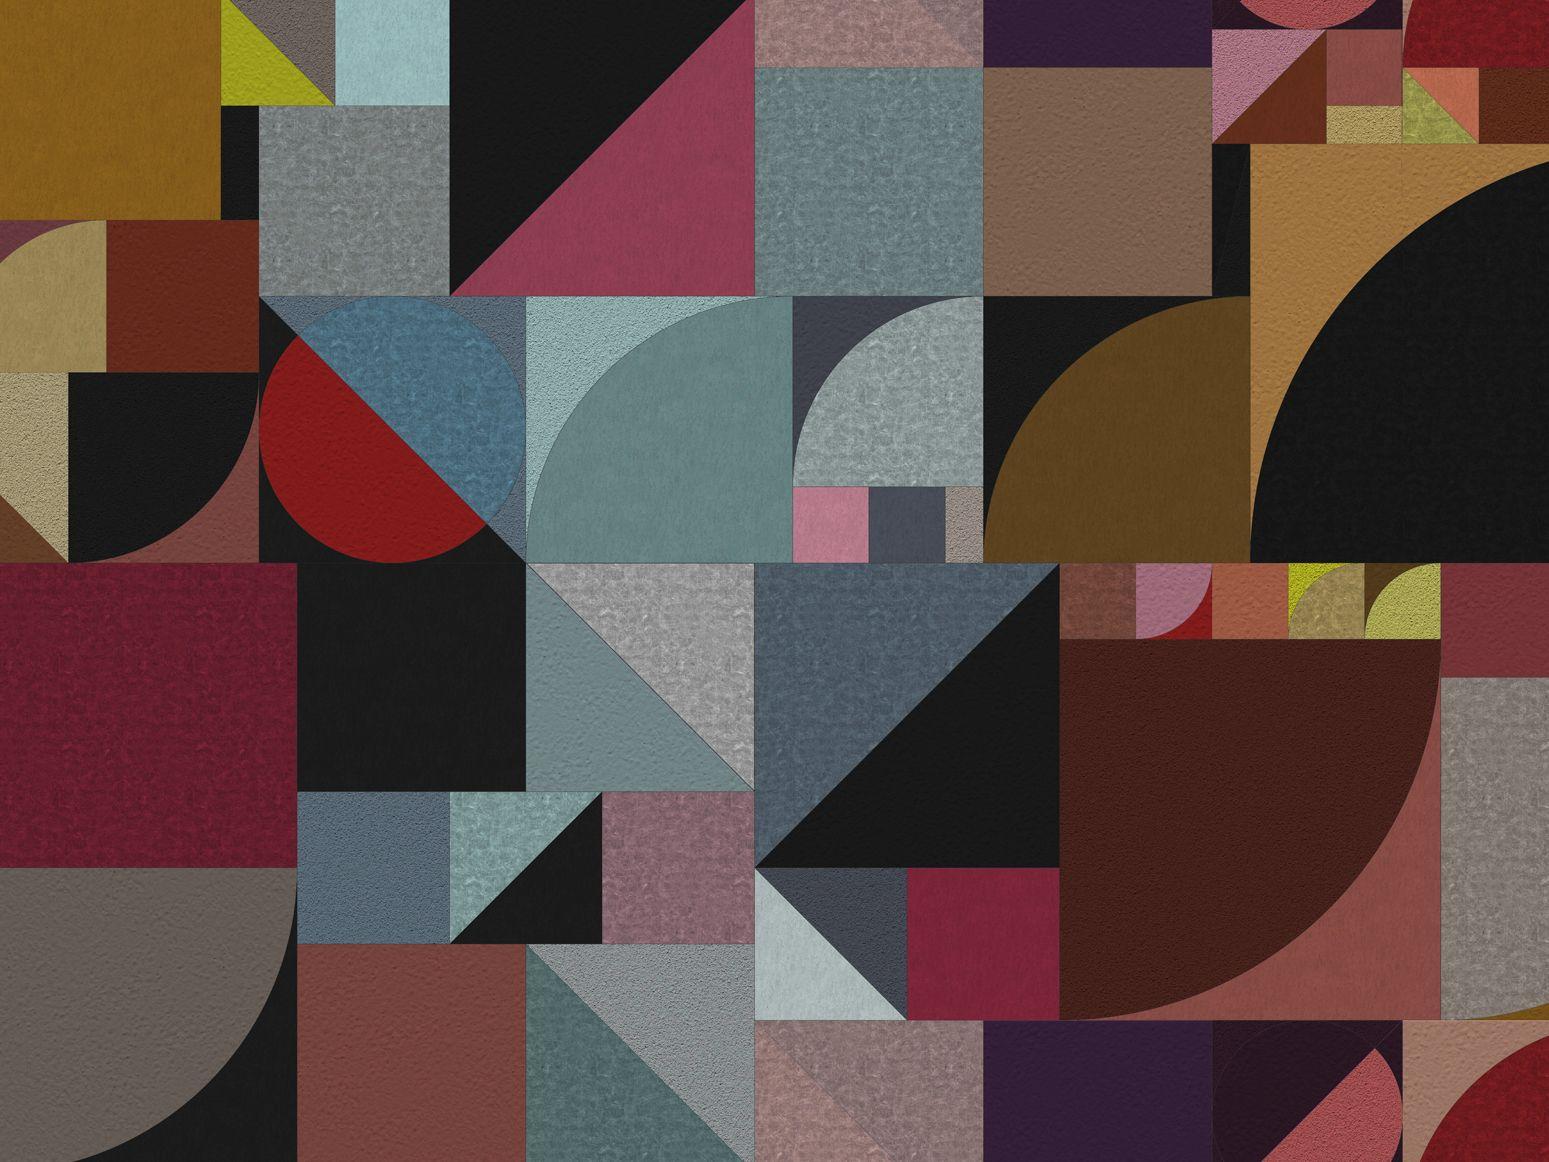 As composições eram formadas por tipos dispostos verticalmente, diagonalmente e horizontalmente e por formas geométricas simples, como quadrados, círculos, triângulos que criavam ritmos e continuidades conduzindo o olhar de um bloco de texto ao outro.